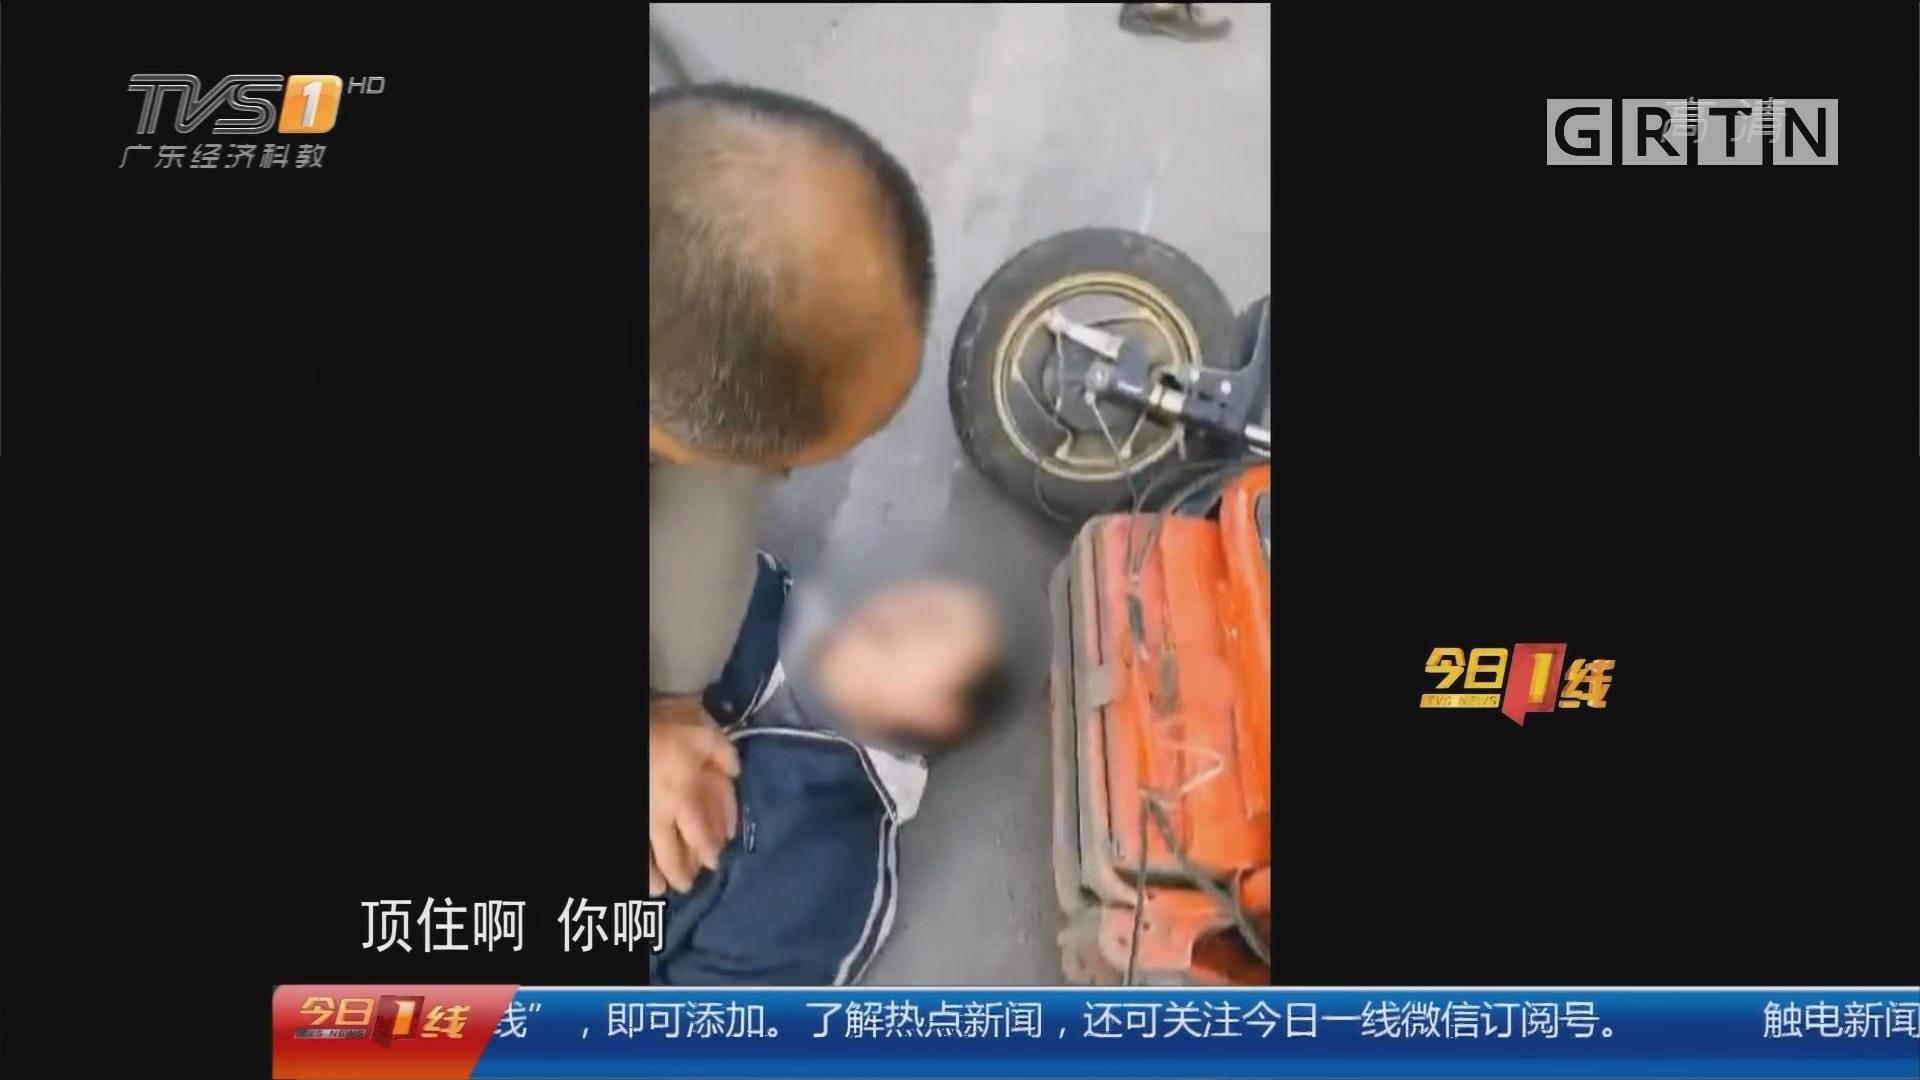 """系列专栏""""温度"""":珠海 男子车祸后晕死 路人紧急抢救"""